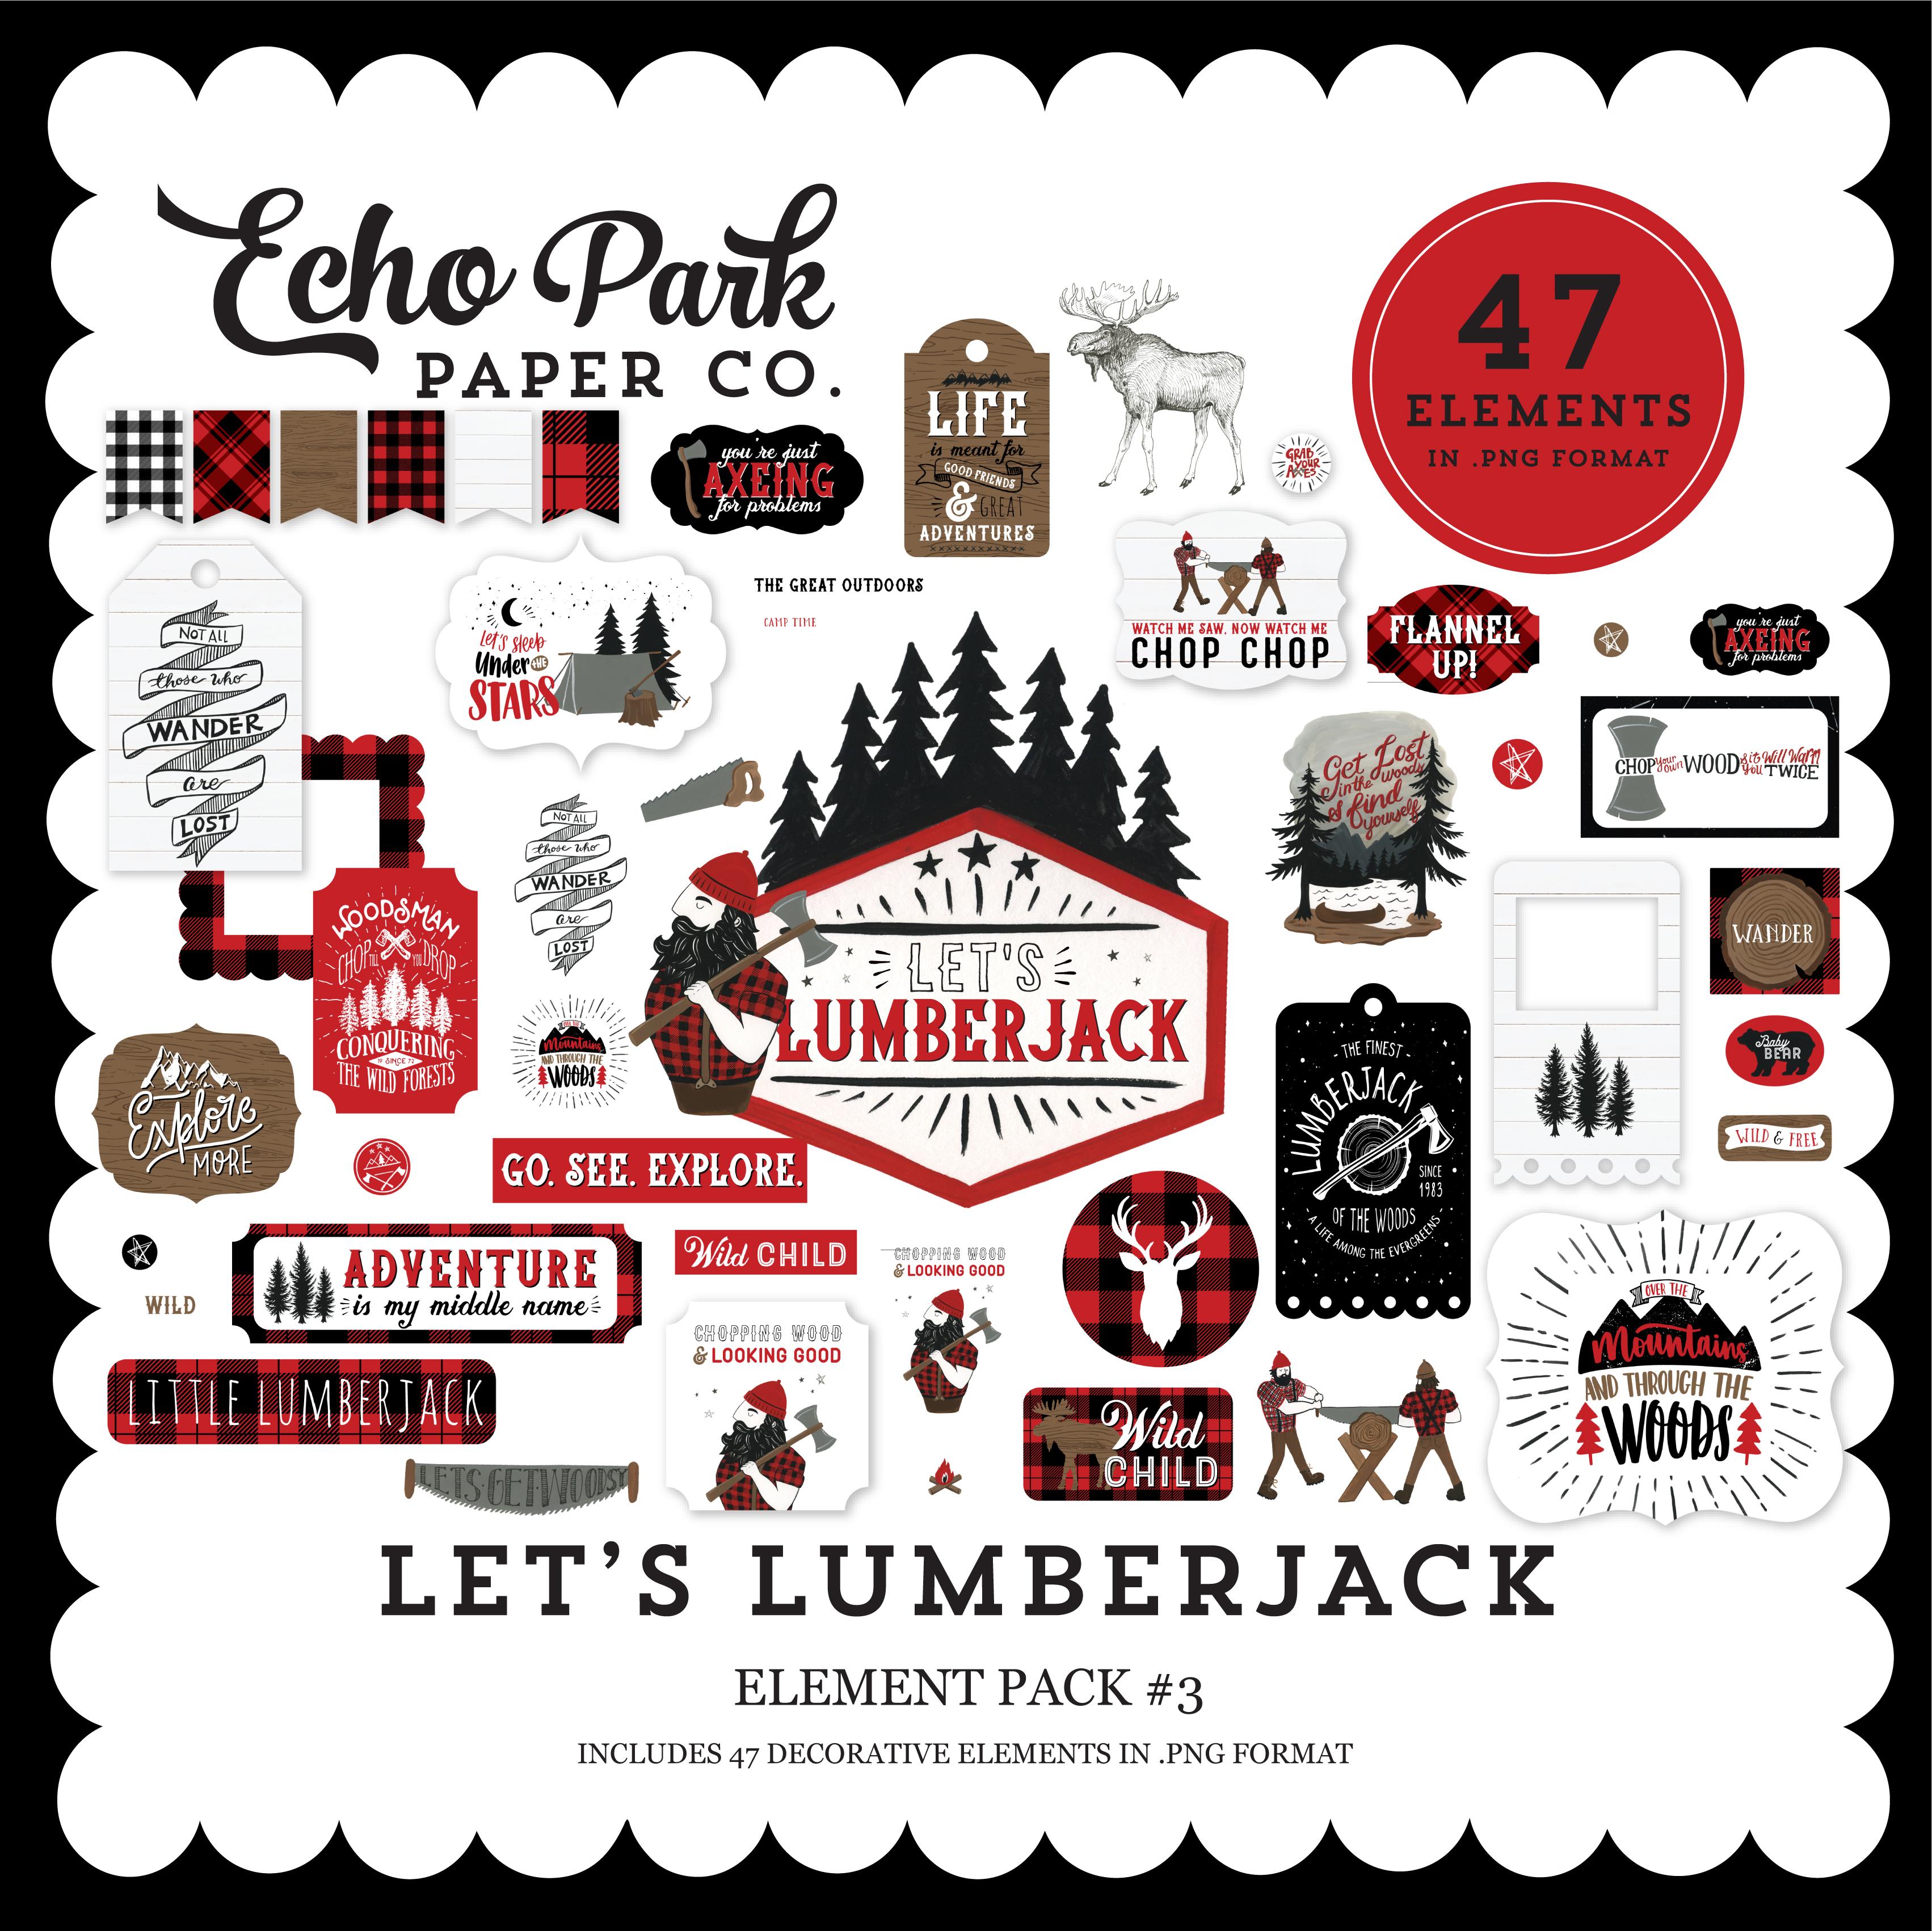 Let's Lumberjack Element Pack #3